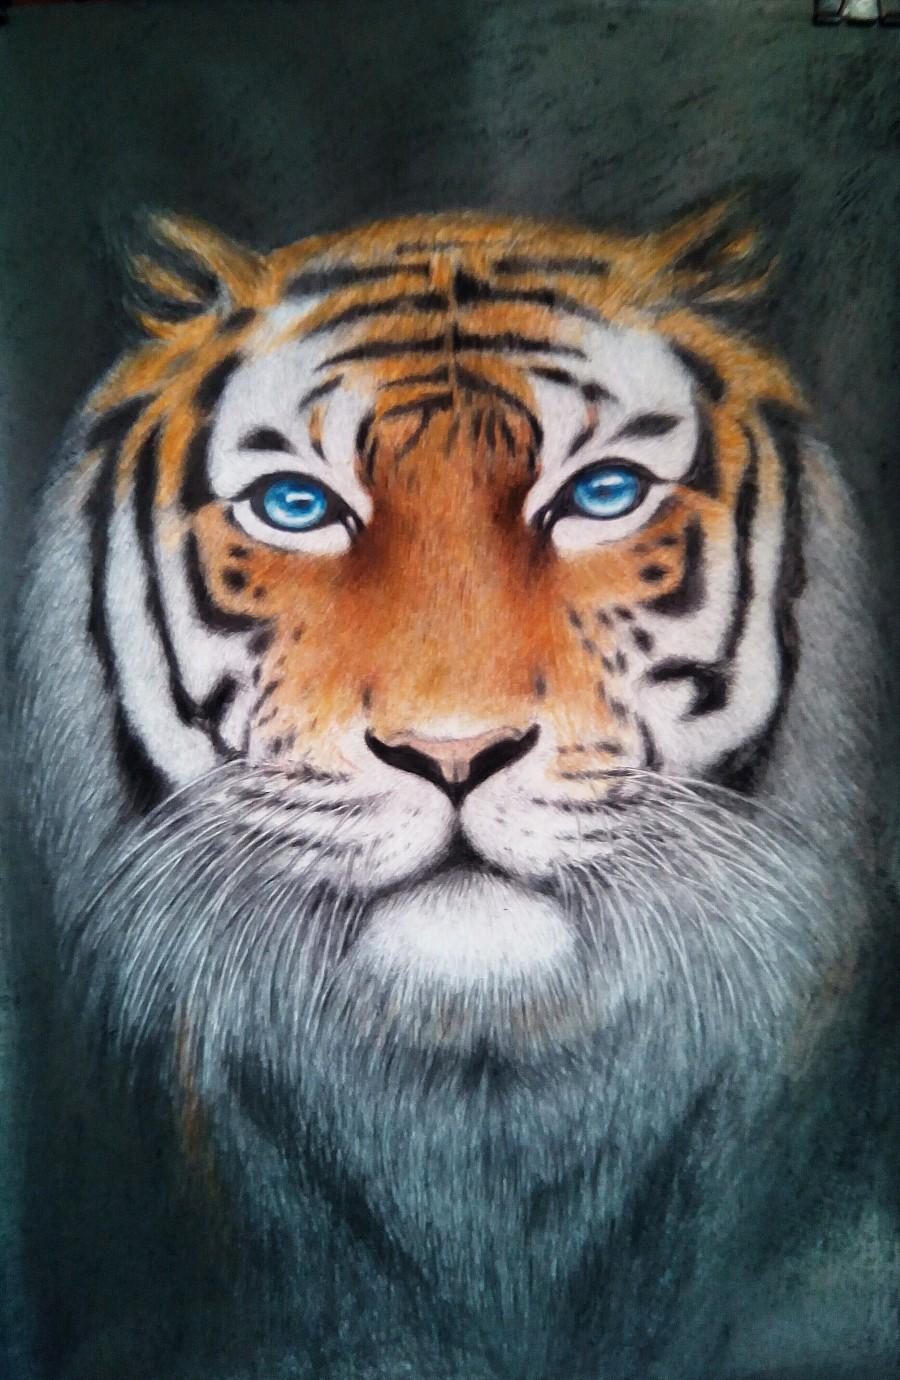 手绘动物|彩铅|纯艺术|兰亭晚序